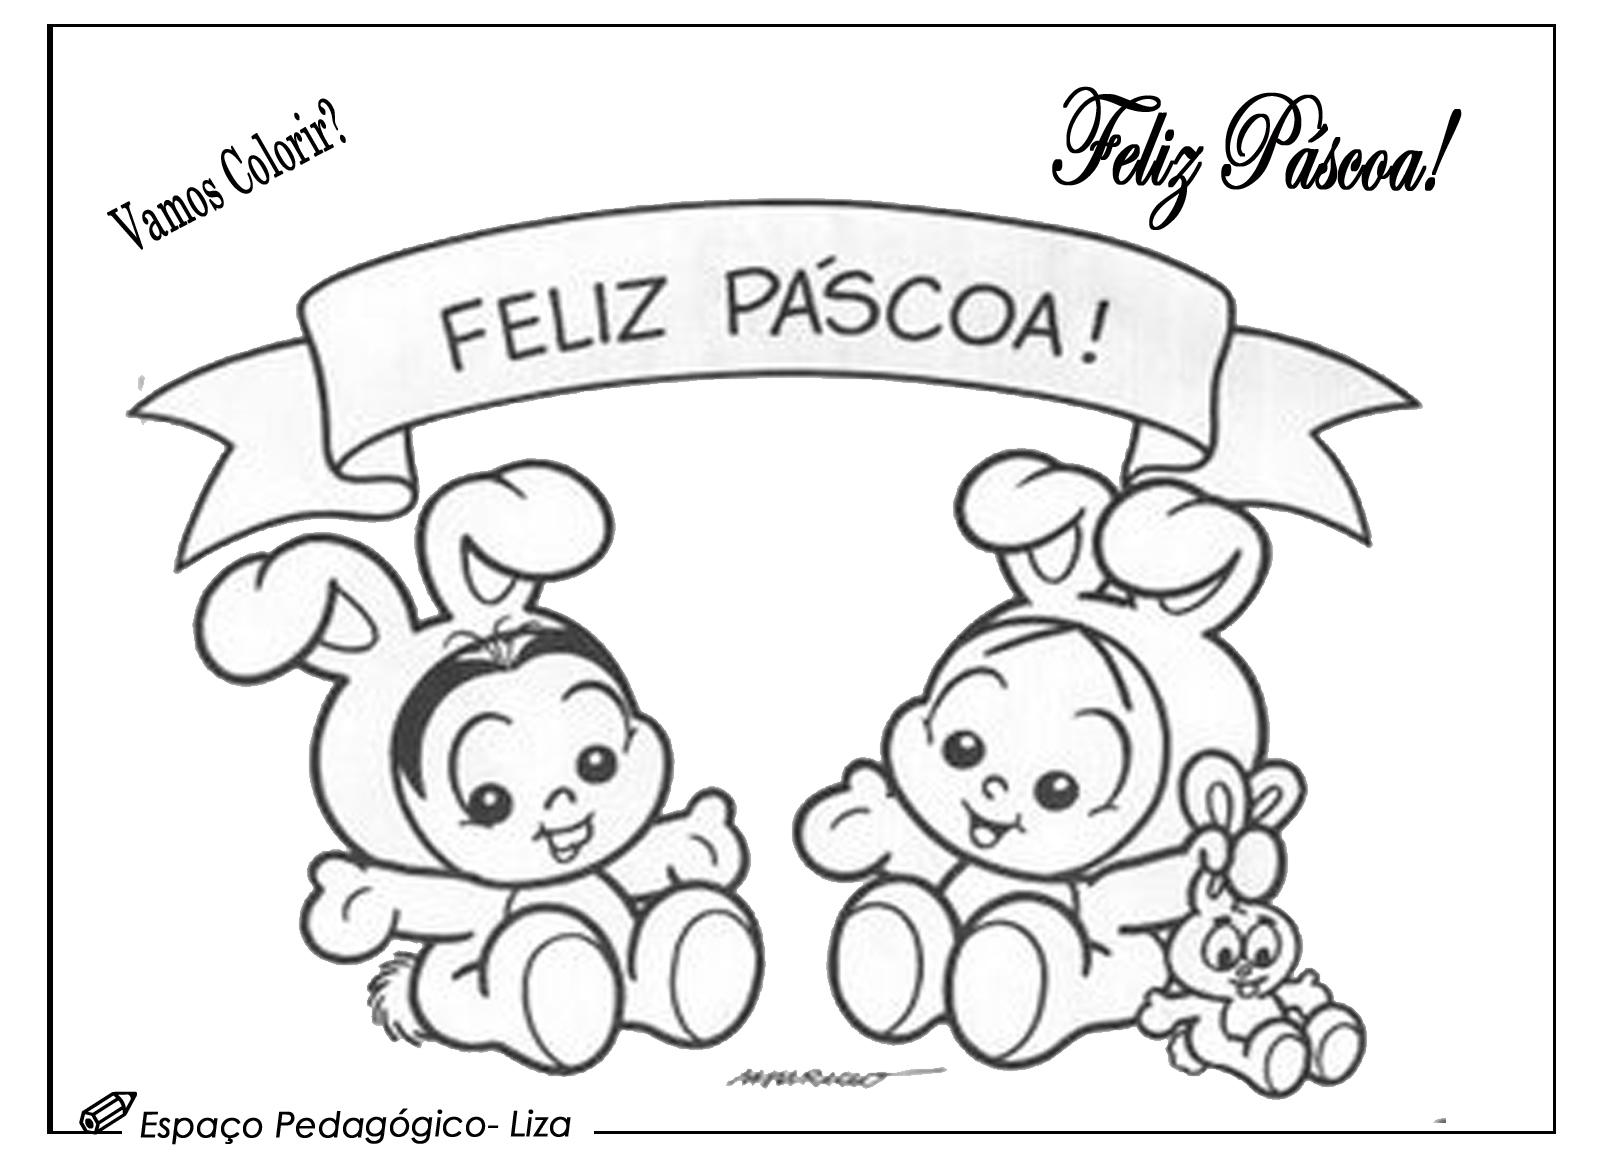 Desenhos De Pascoa Para Colorir Com A Turma Da Monica Espaco